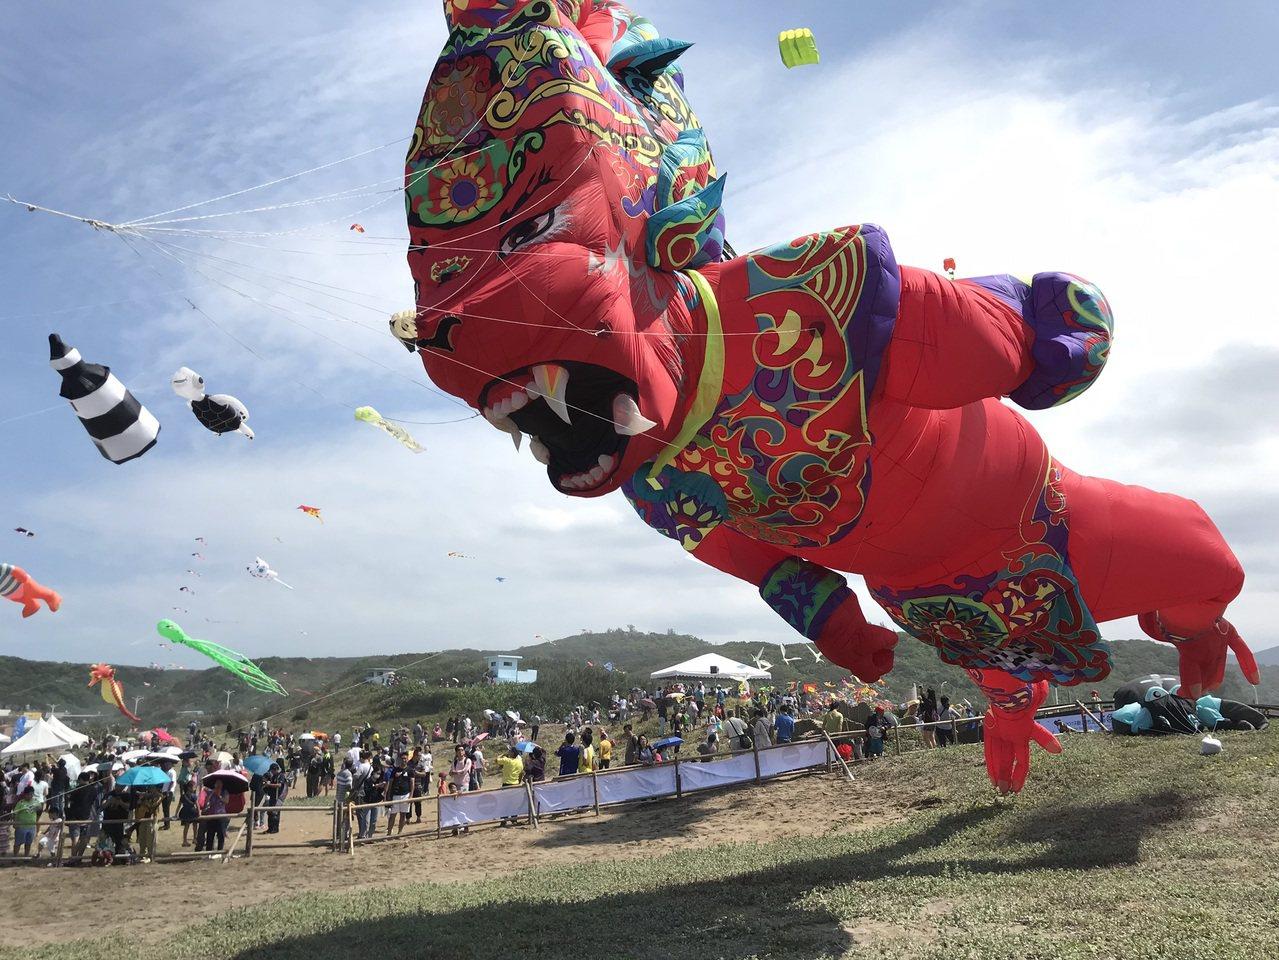 影╱年輕時為生活忙碌 60年後她圓了一個風箏夢